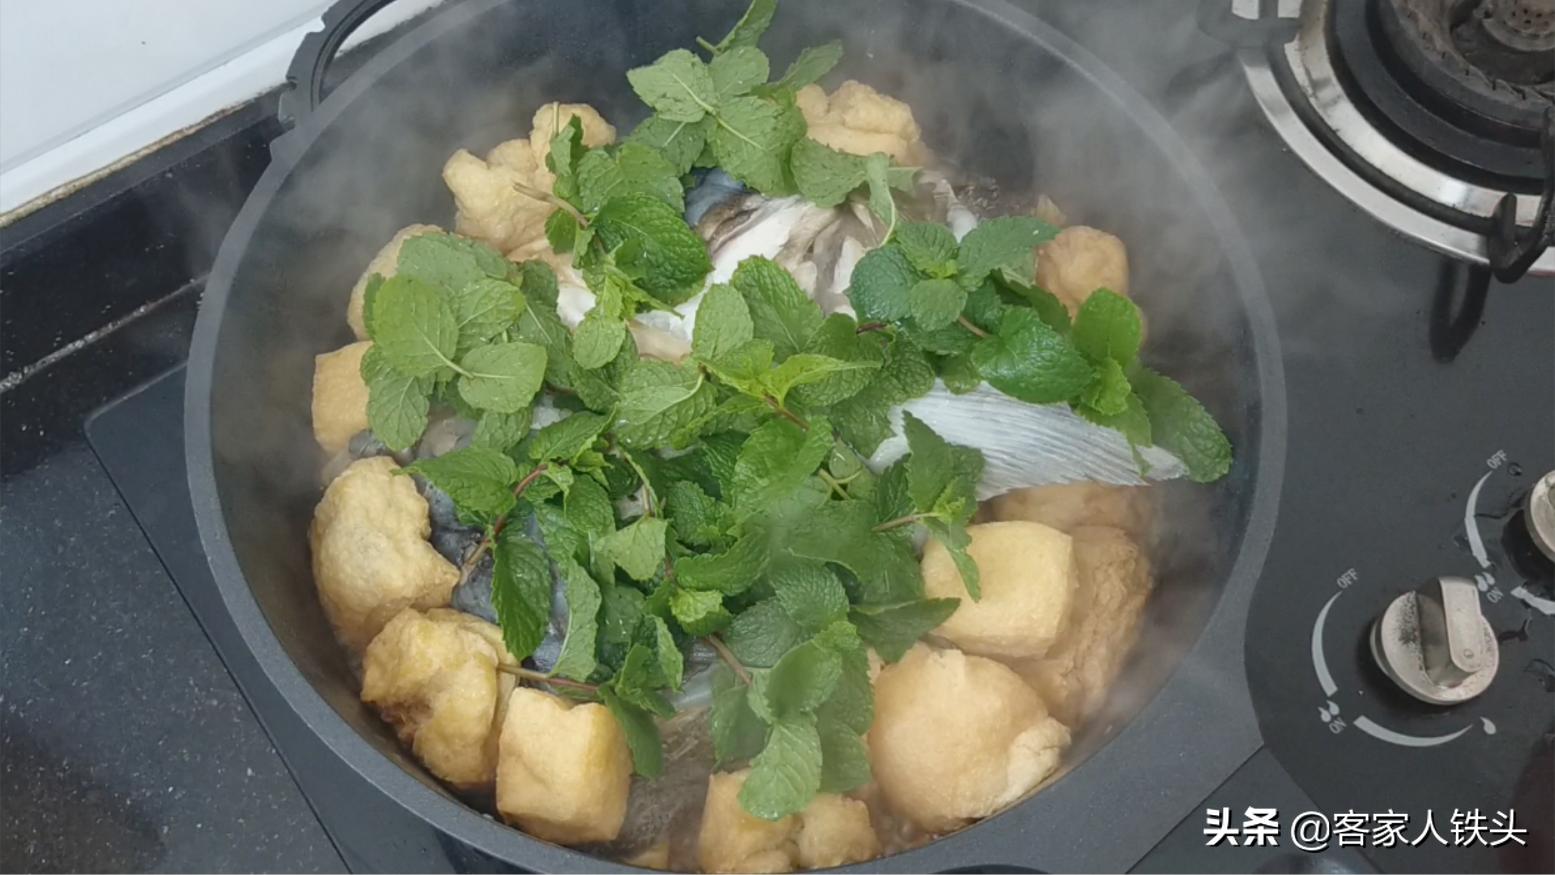 油豆腐加1個魚頭,這做法我家一個月吃3次,營養好吃又開胃下飯